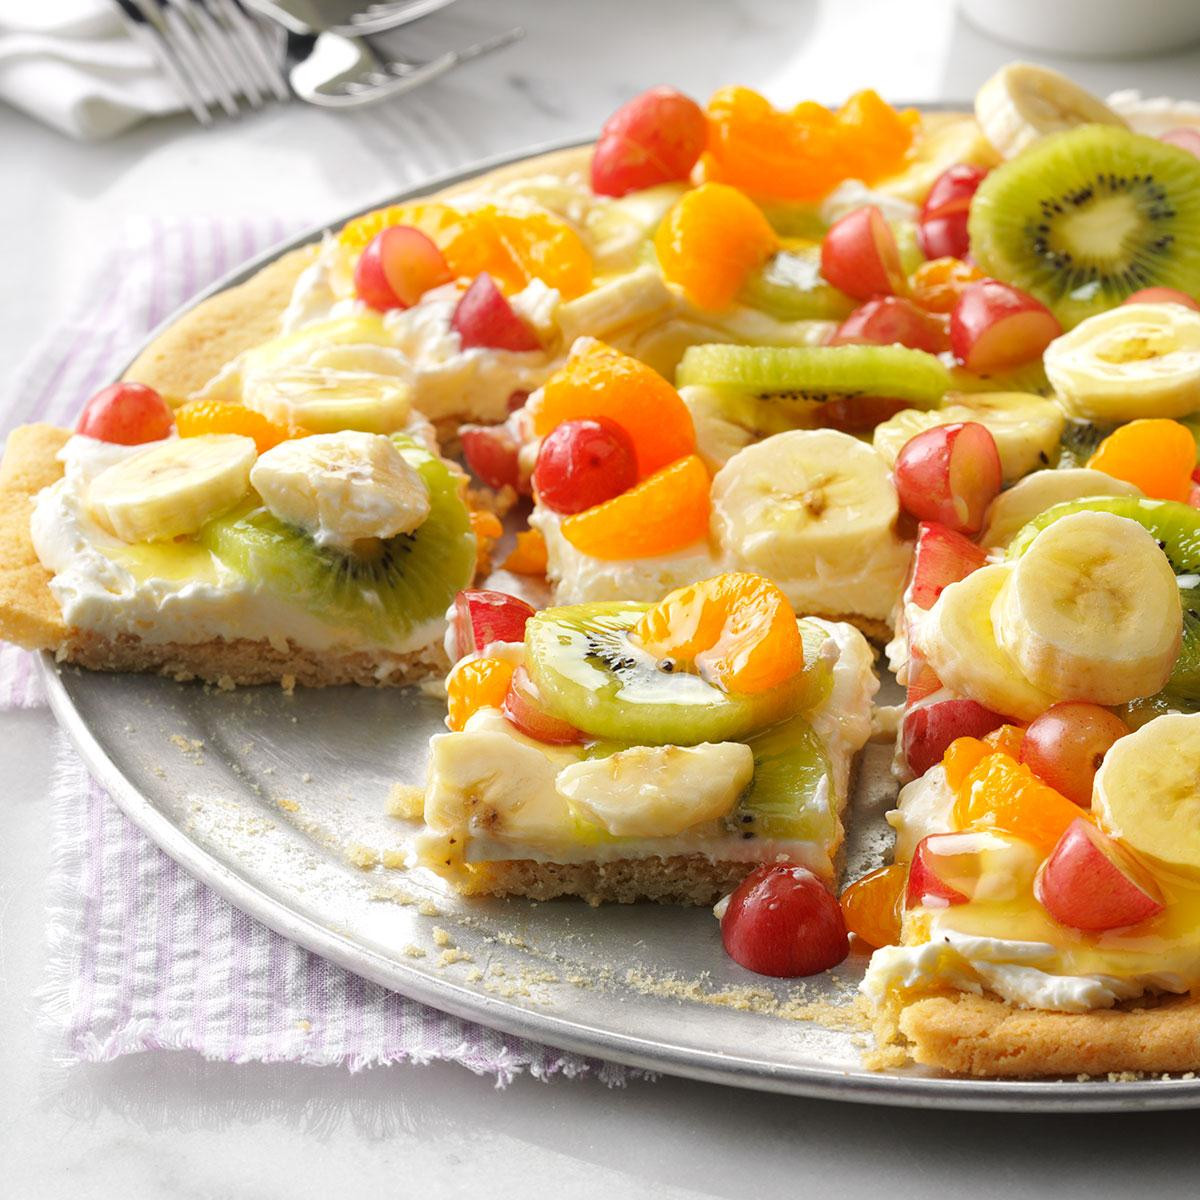 Healthy Potluck Desserts  Fruit Pizza Recipe